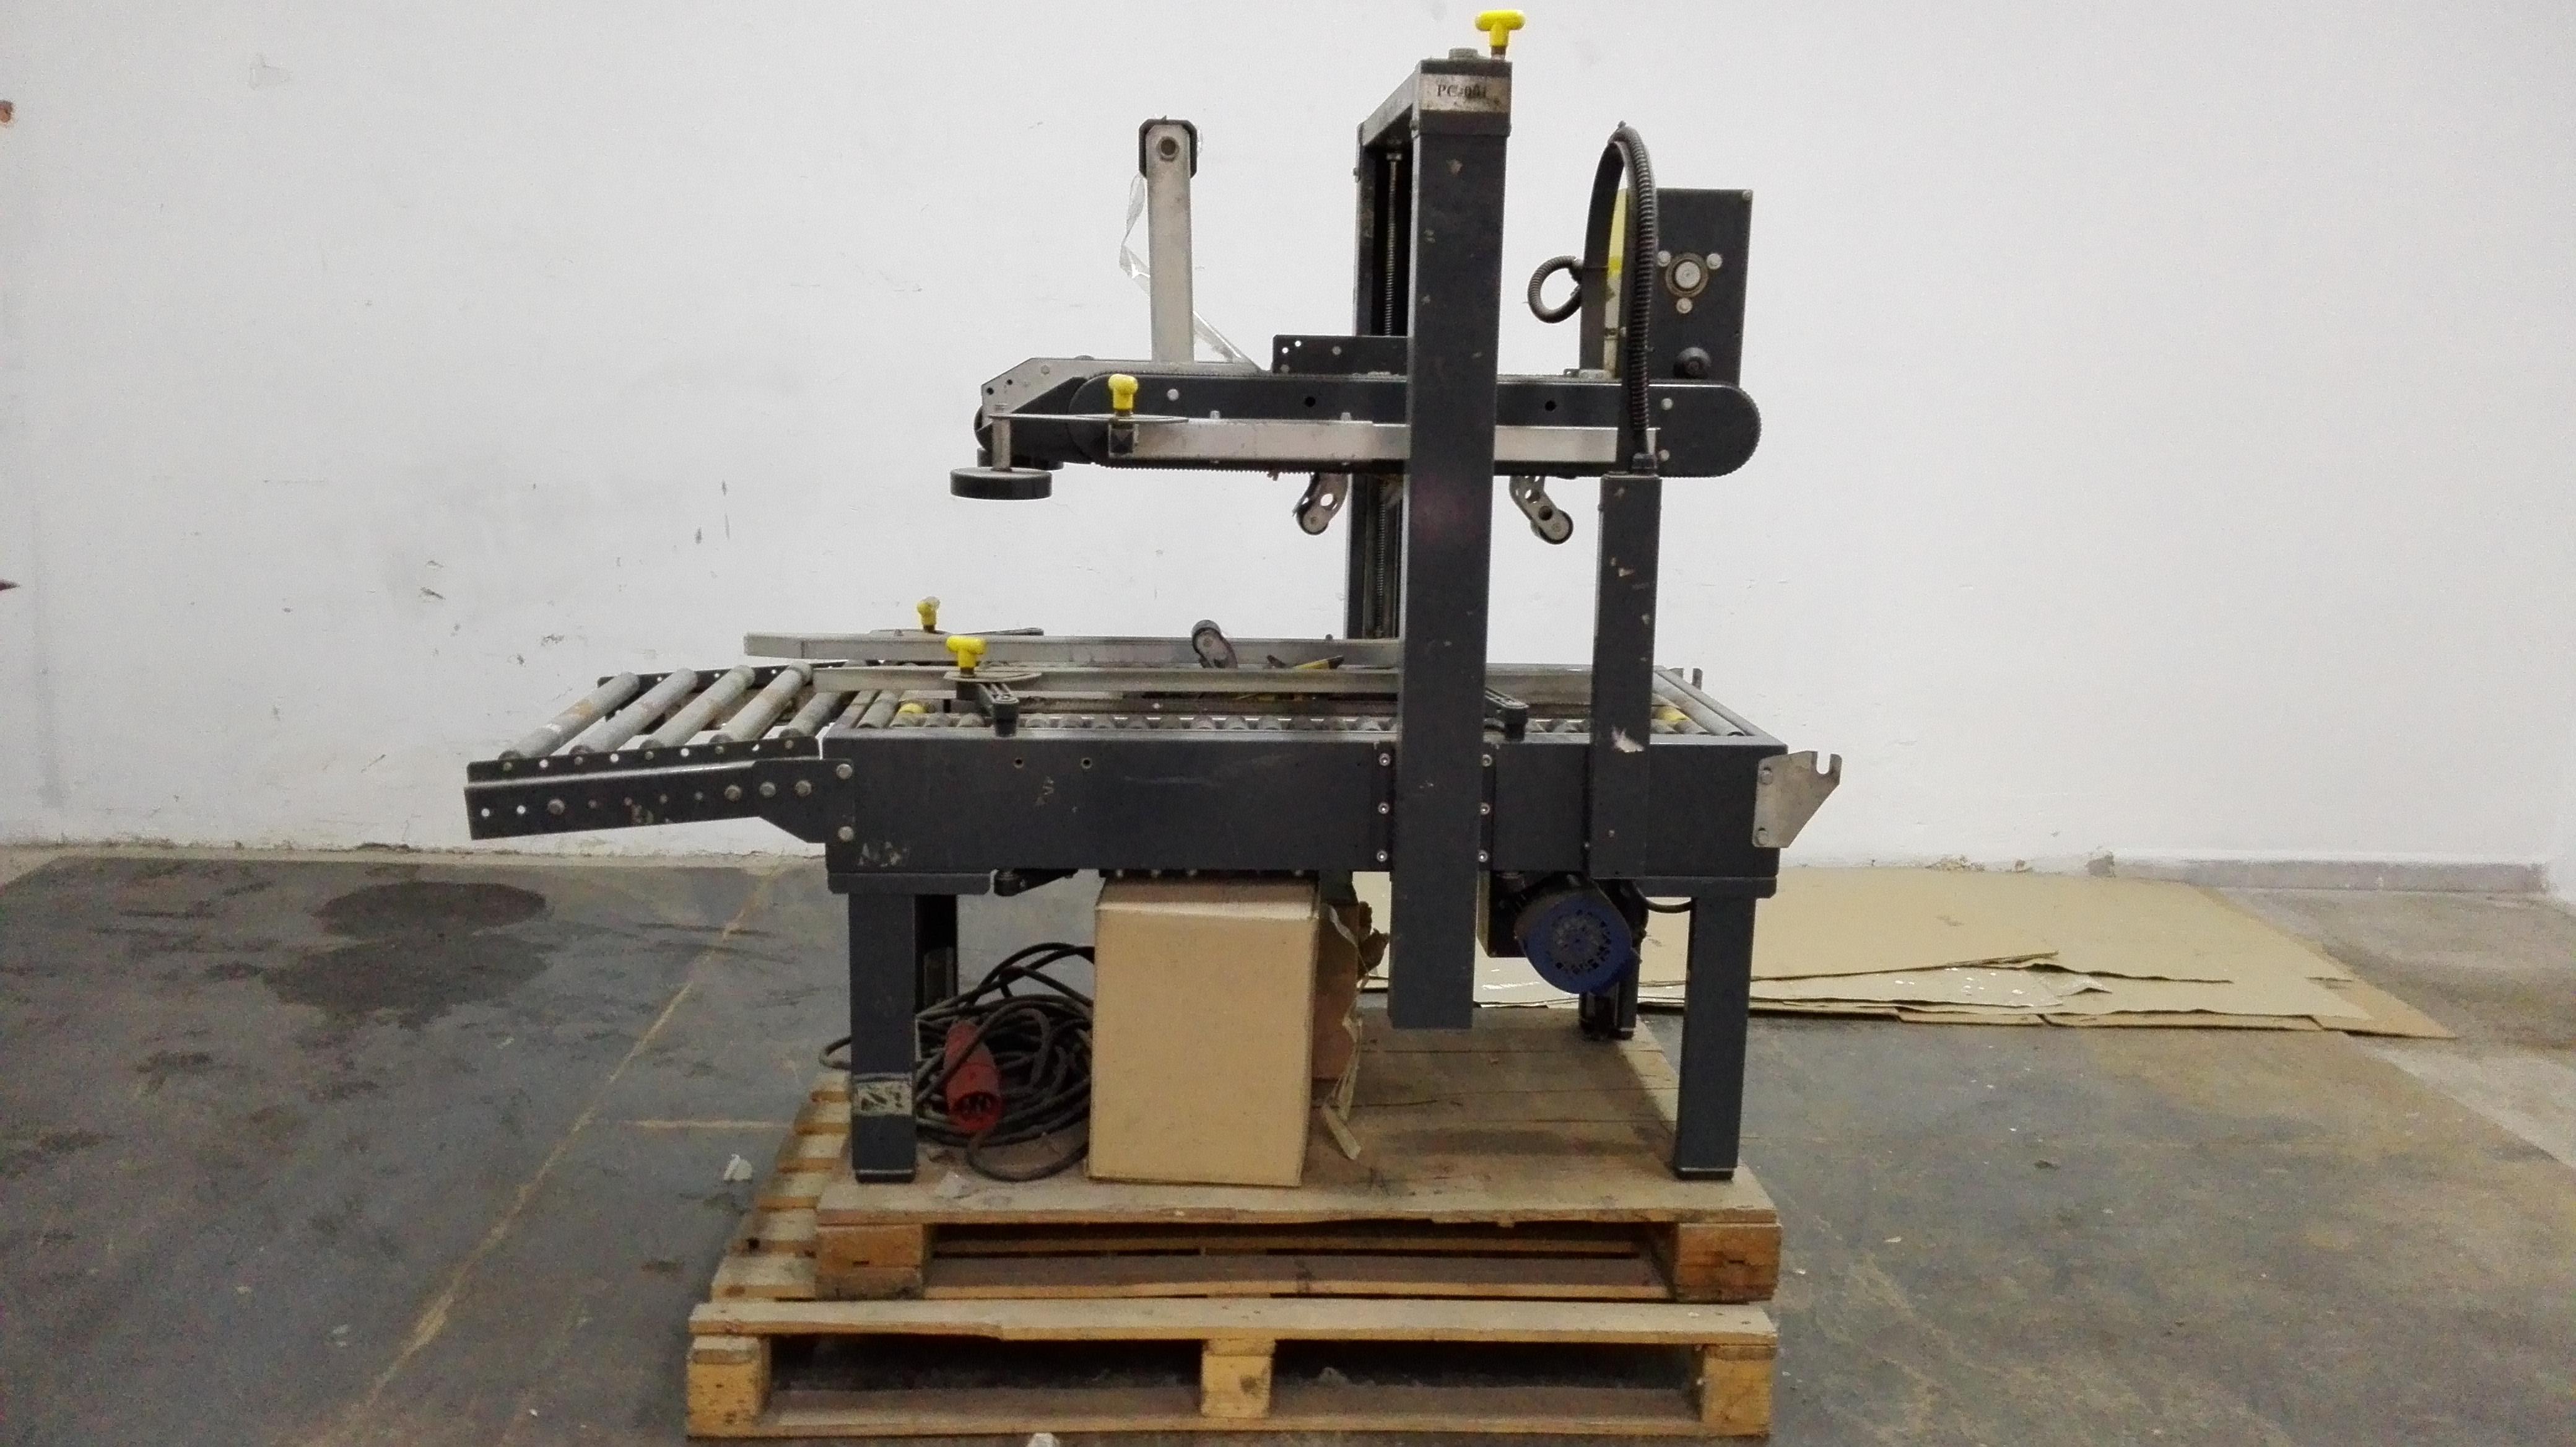 Oferta de maquinària industrial